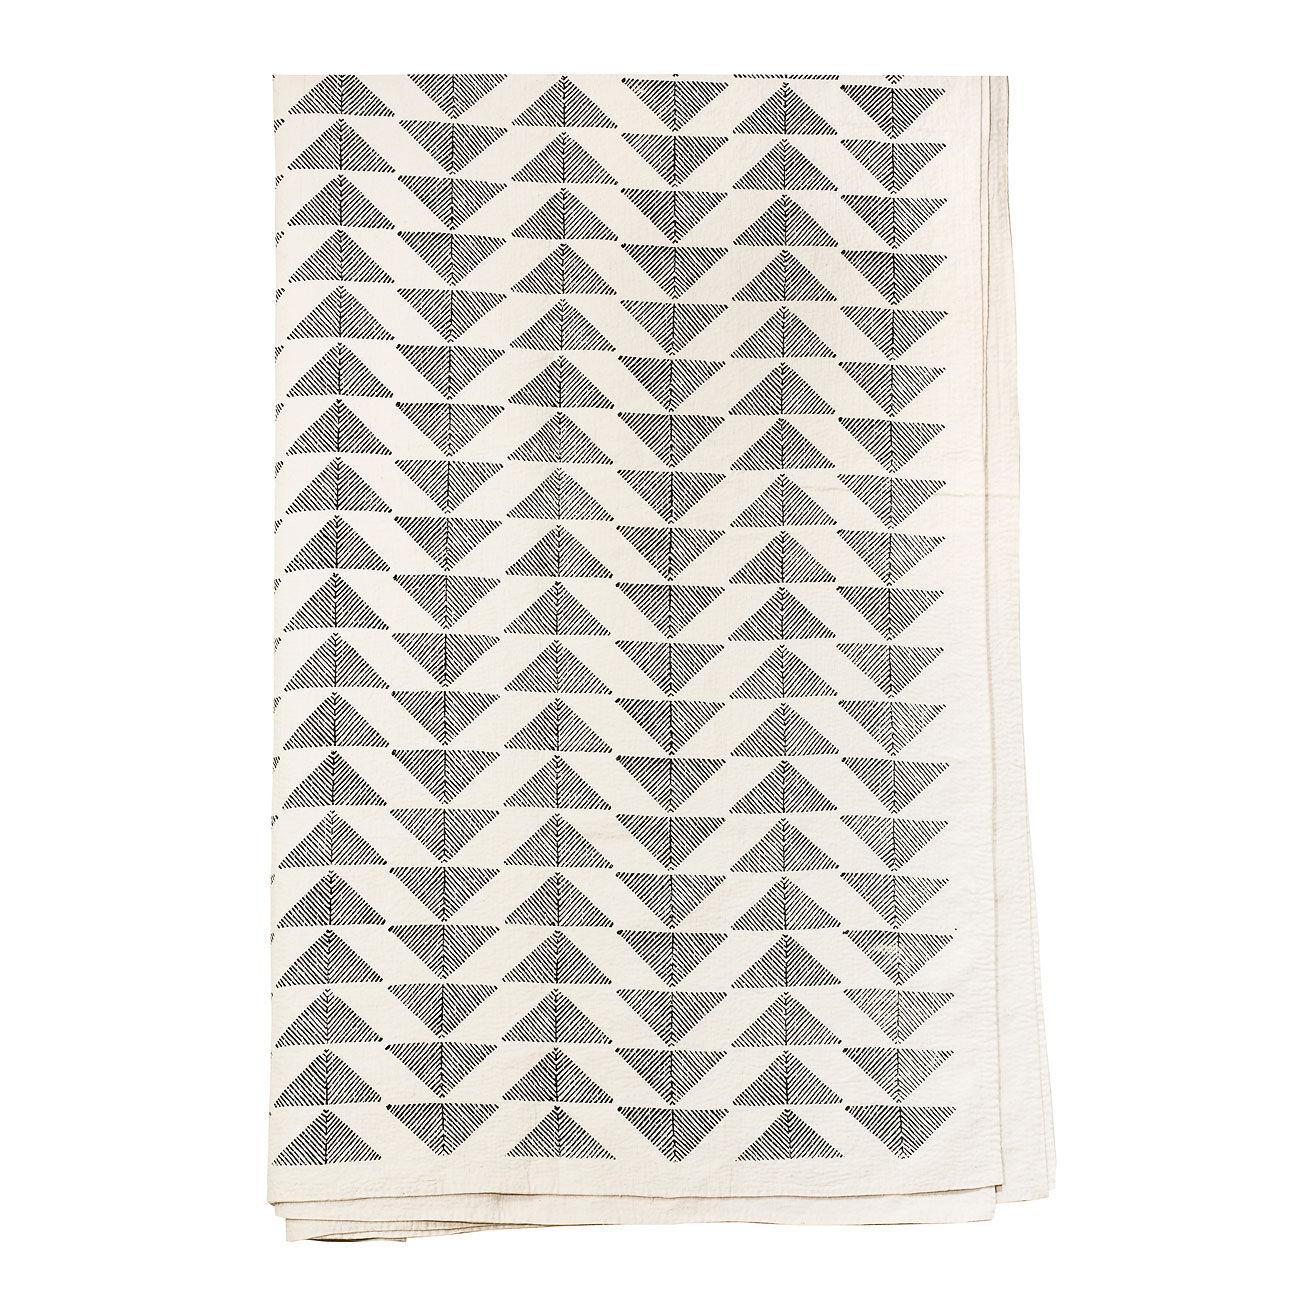 Afroart Pyramid Päiväpeitto 160x270cm, Musta/Valkoinen